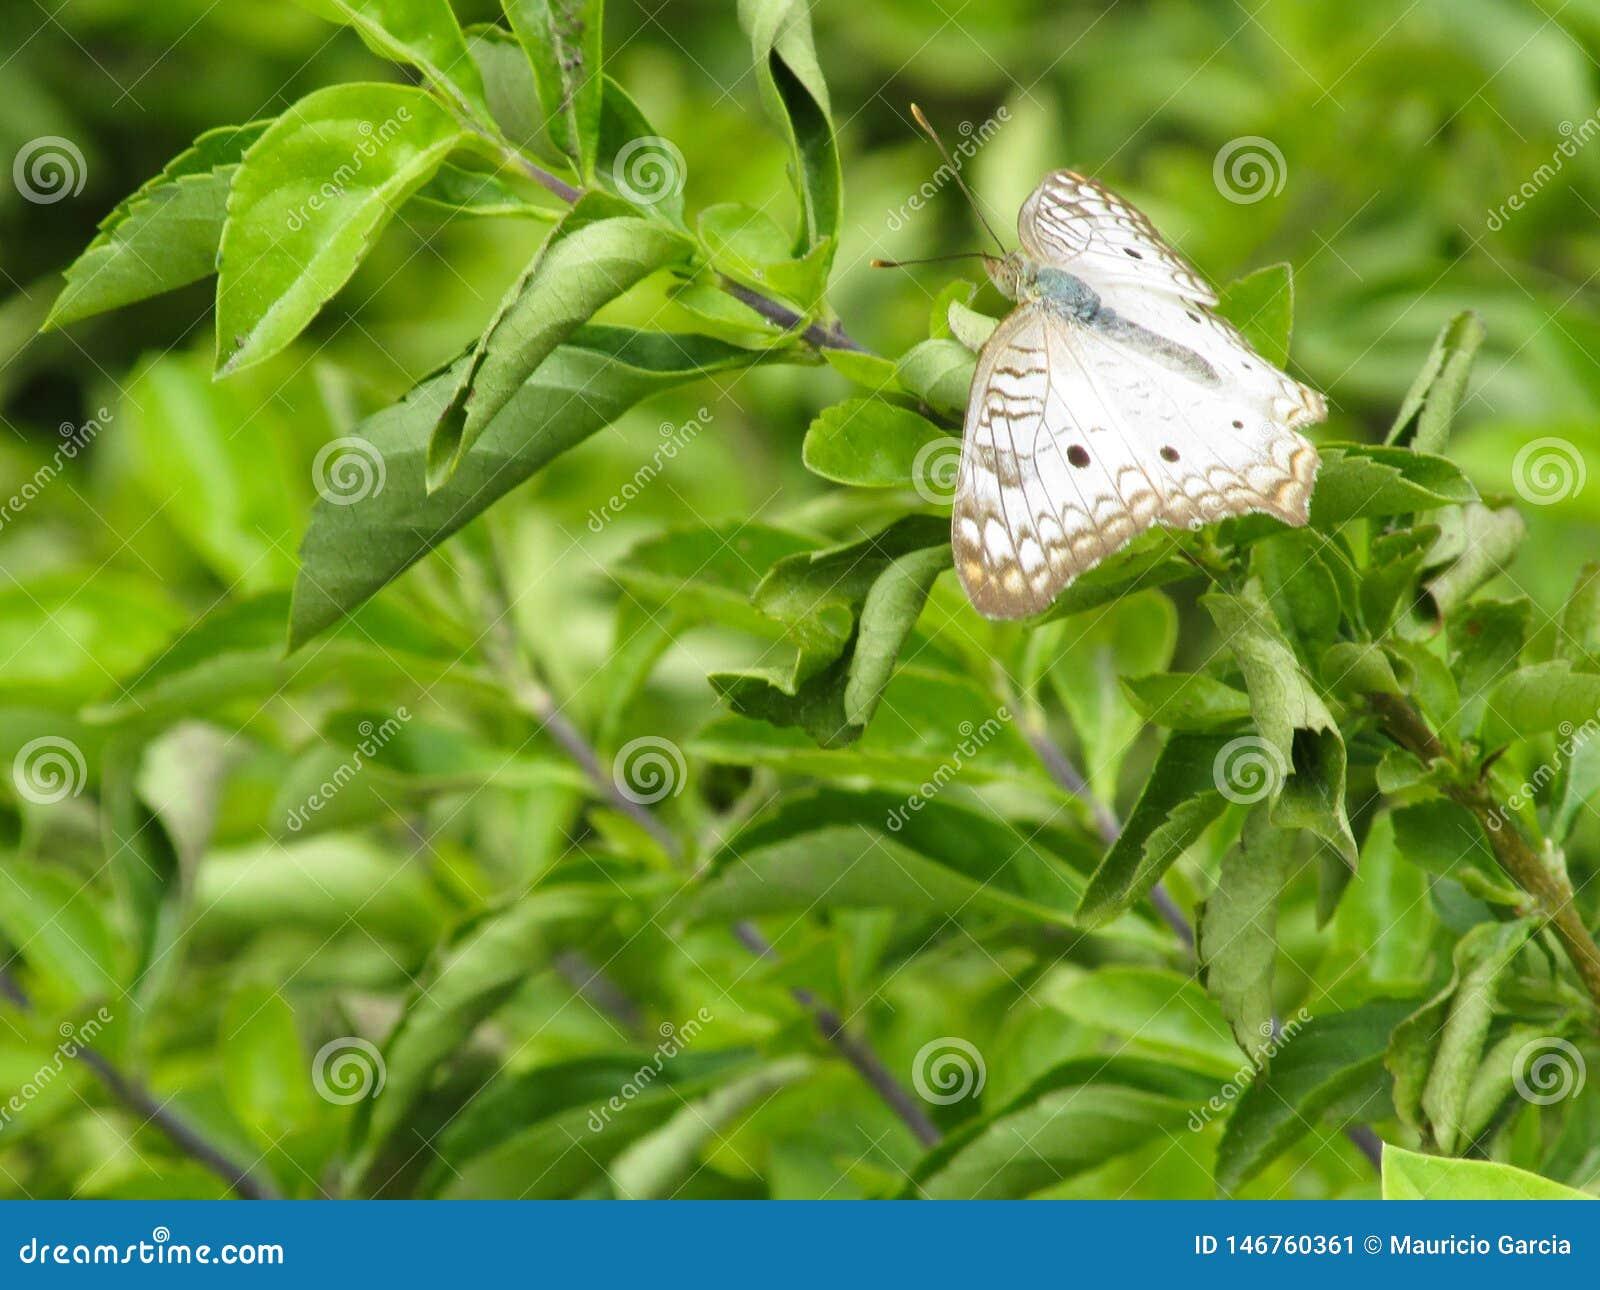 Mariposa Blanca Marrón En Plantas Verdes